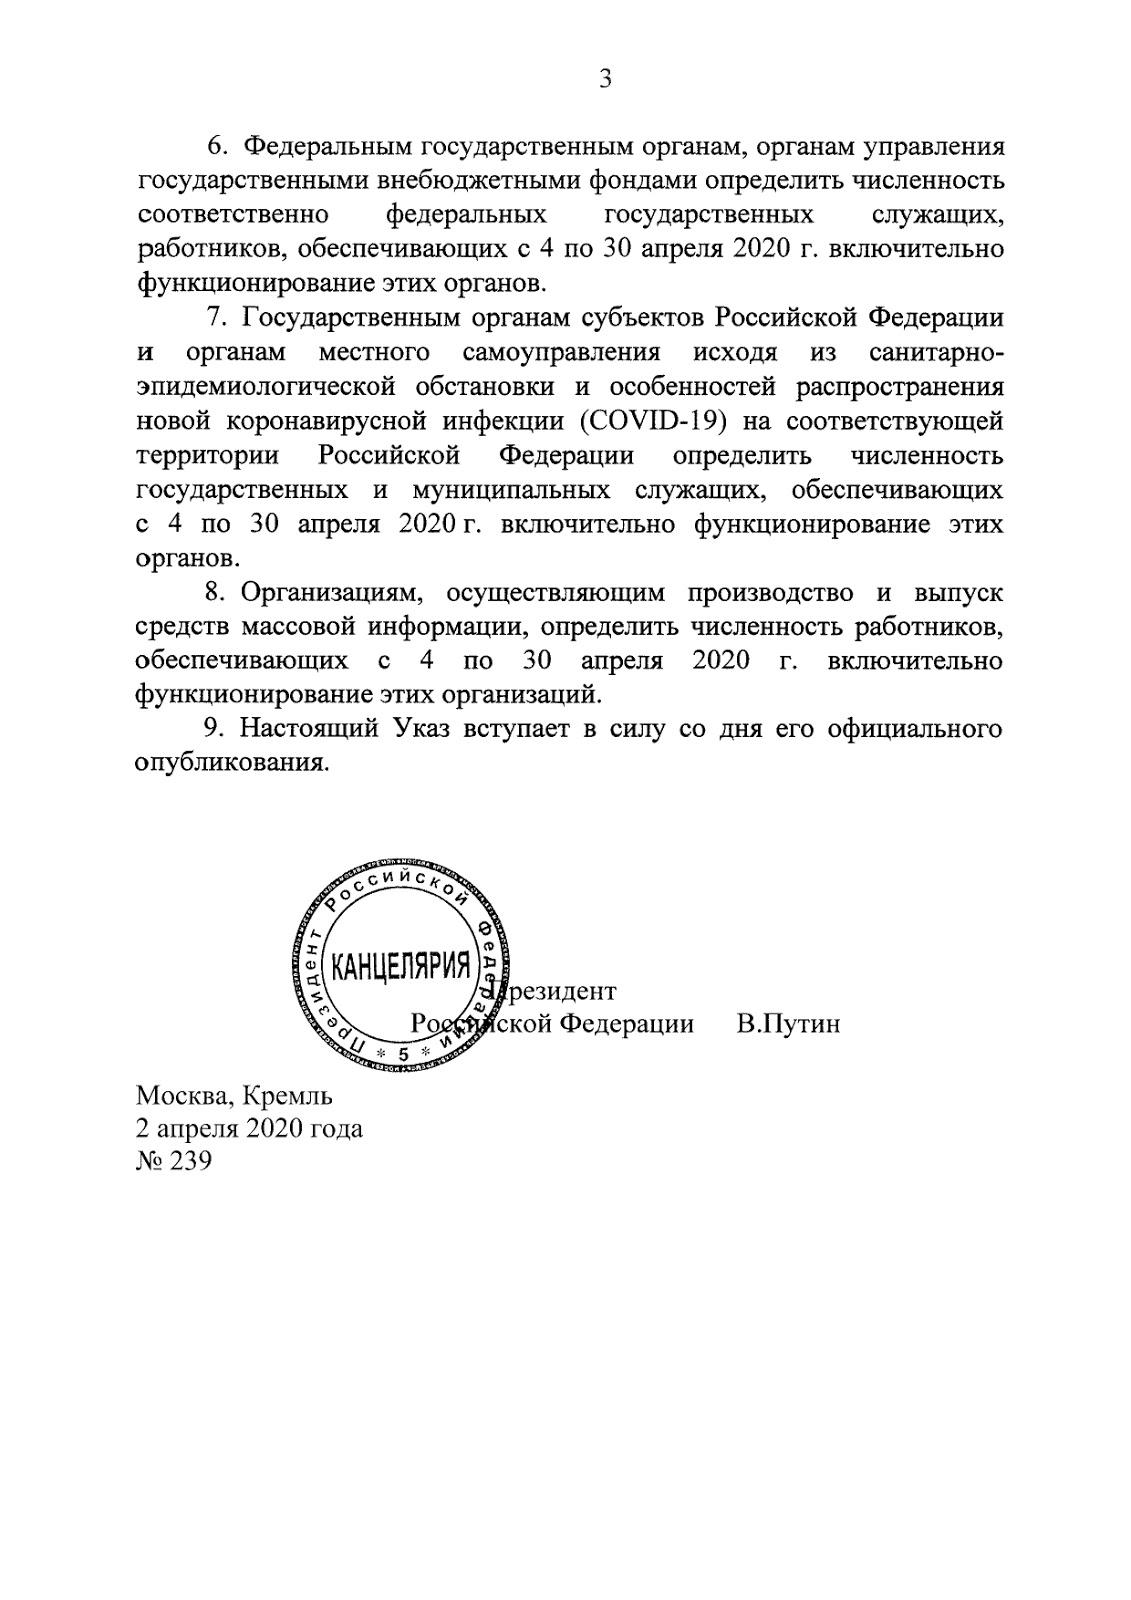 Указ Президента РФ № 239 от 02.04.2020 - 3